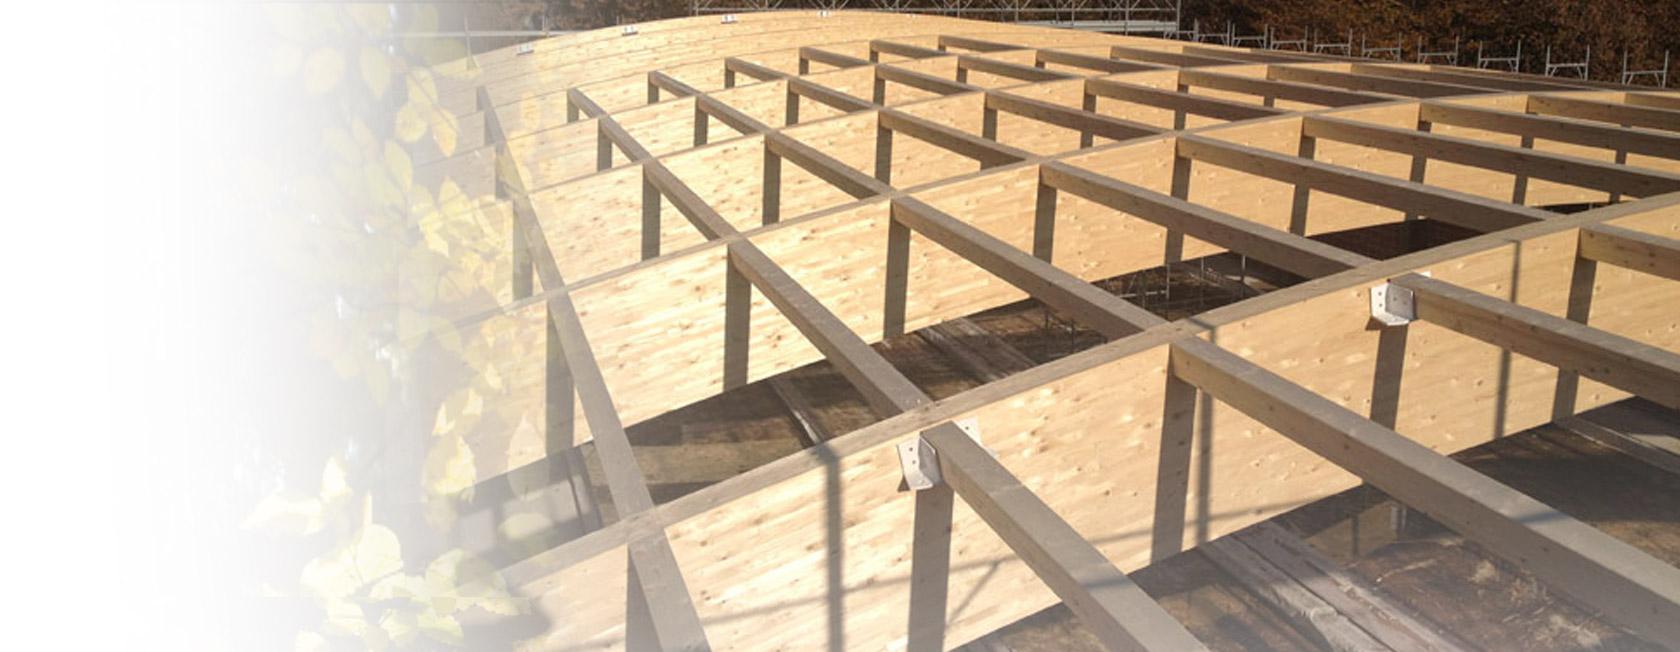 Tetti con illuminazione a led e travature in legno per for Centro assistenza velux